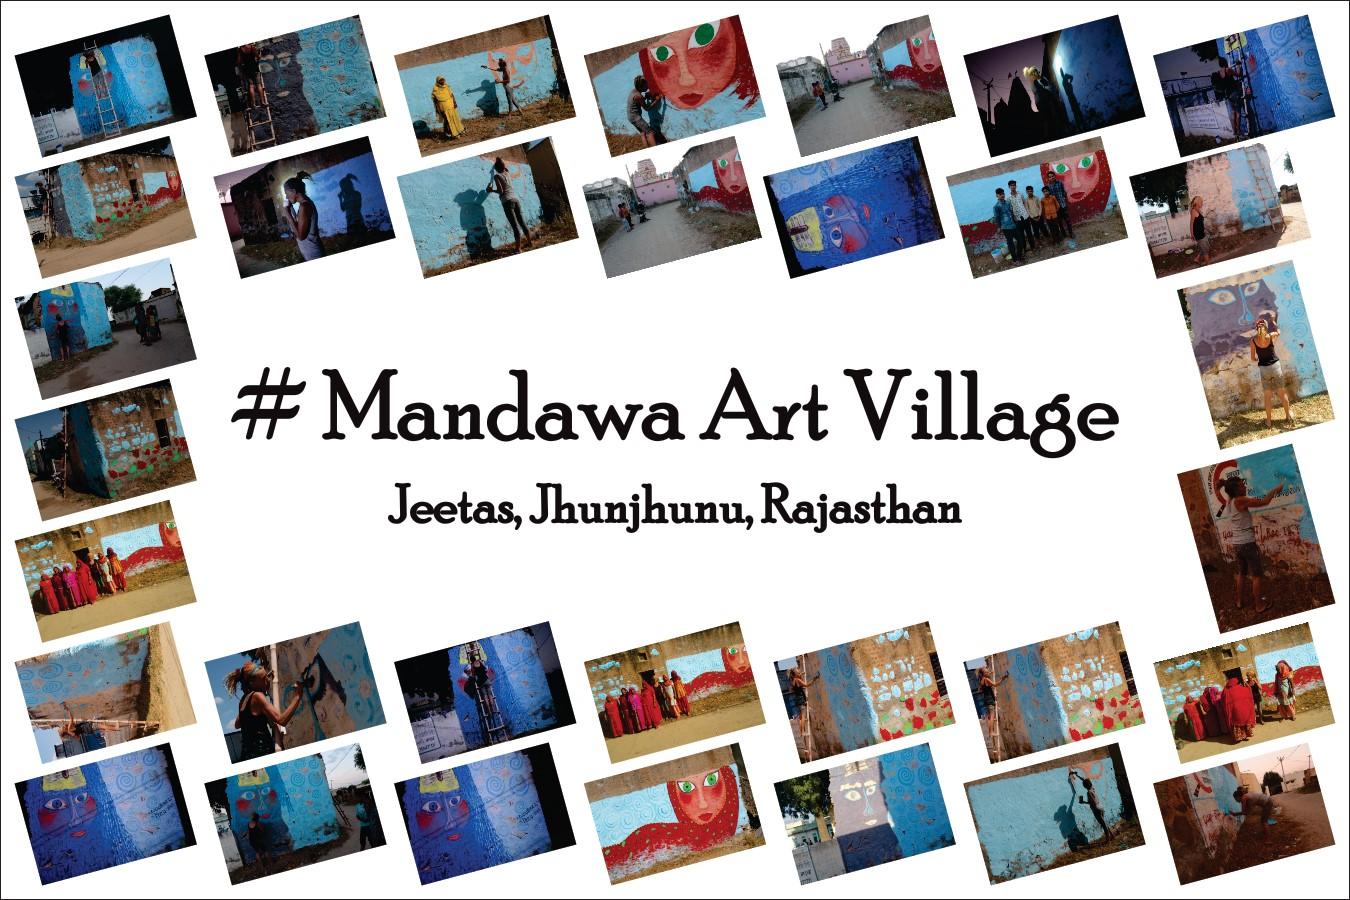 Mandawa Art Village featured